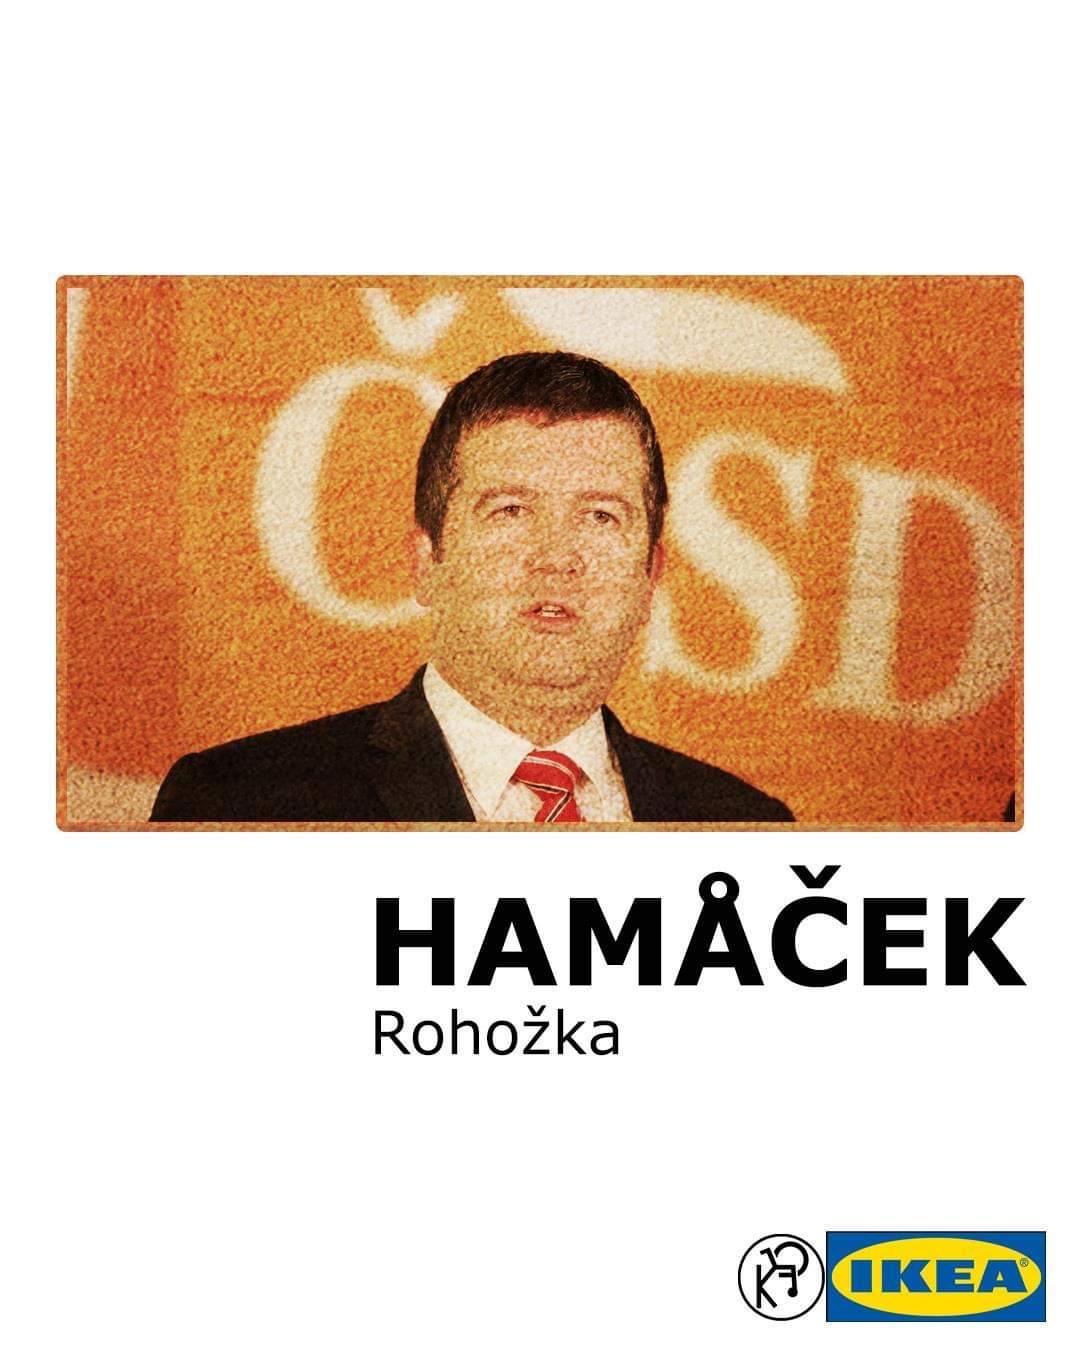 Obrázek Hamyrohozka